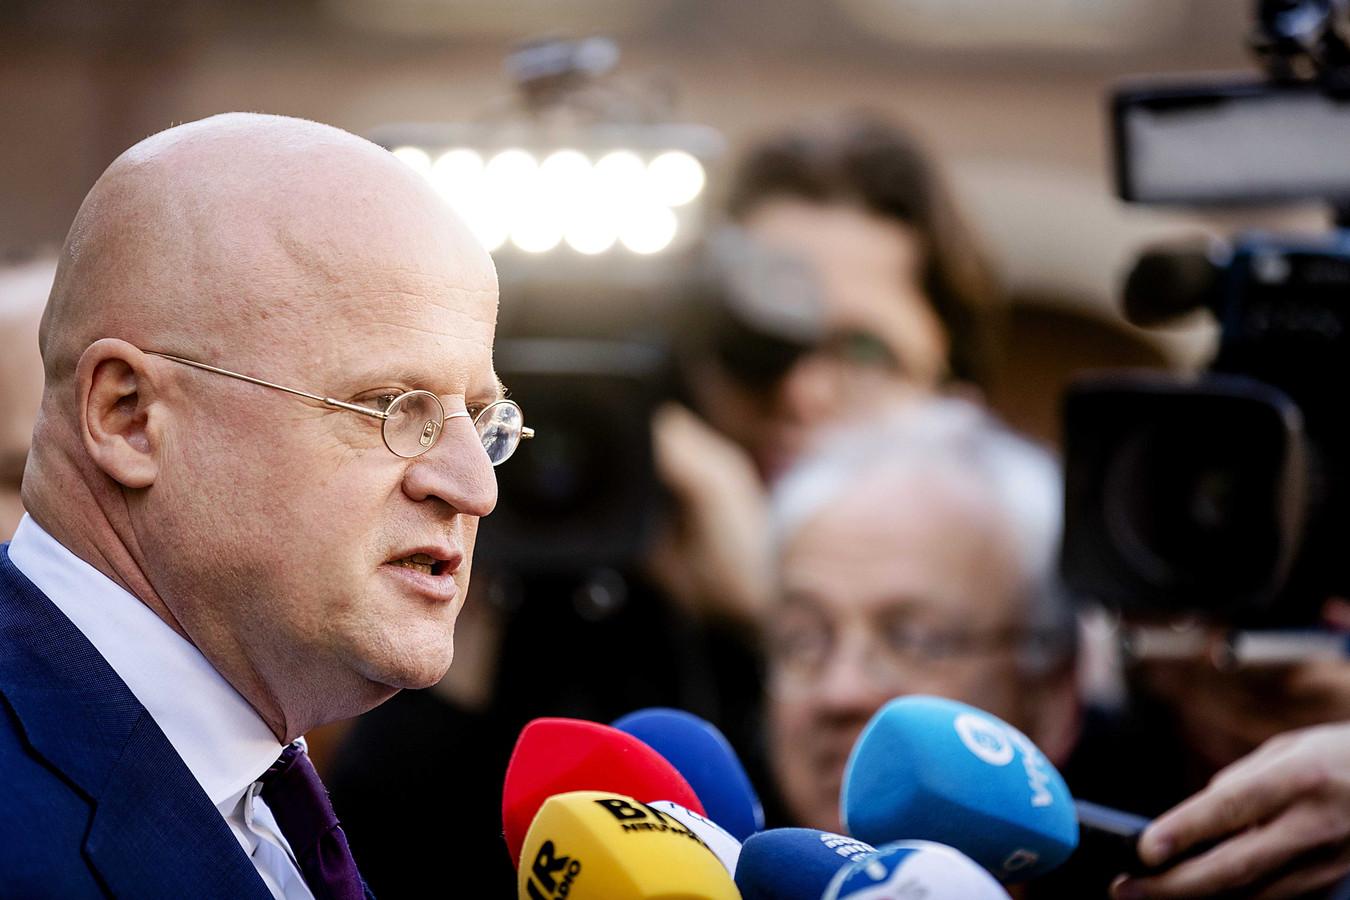 Ferdinand Grapperhaus (CDA) na het gesprek met formateur Mark Rutte vanmorgen